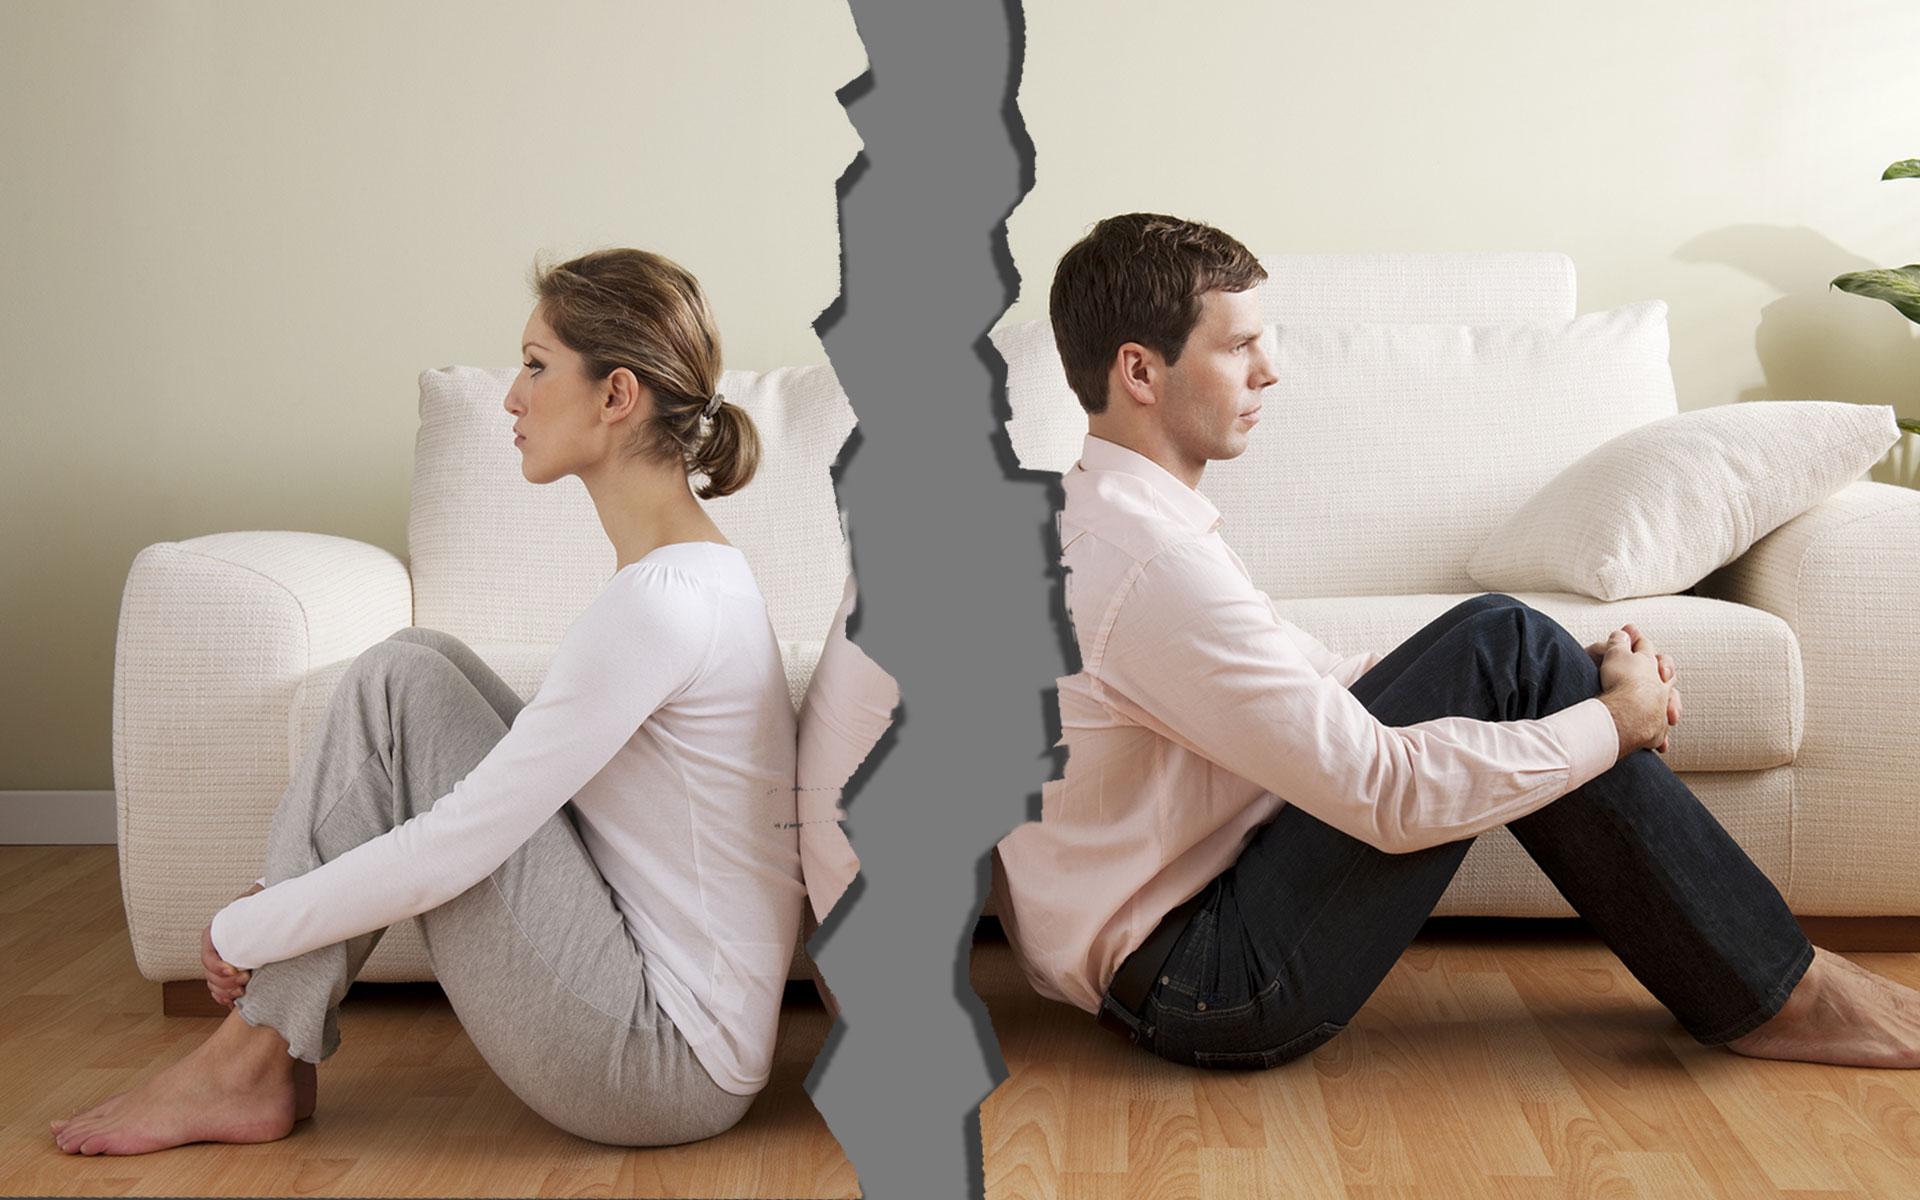 الطلاق بين الزوجين